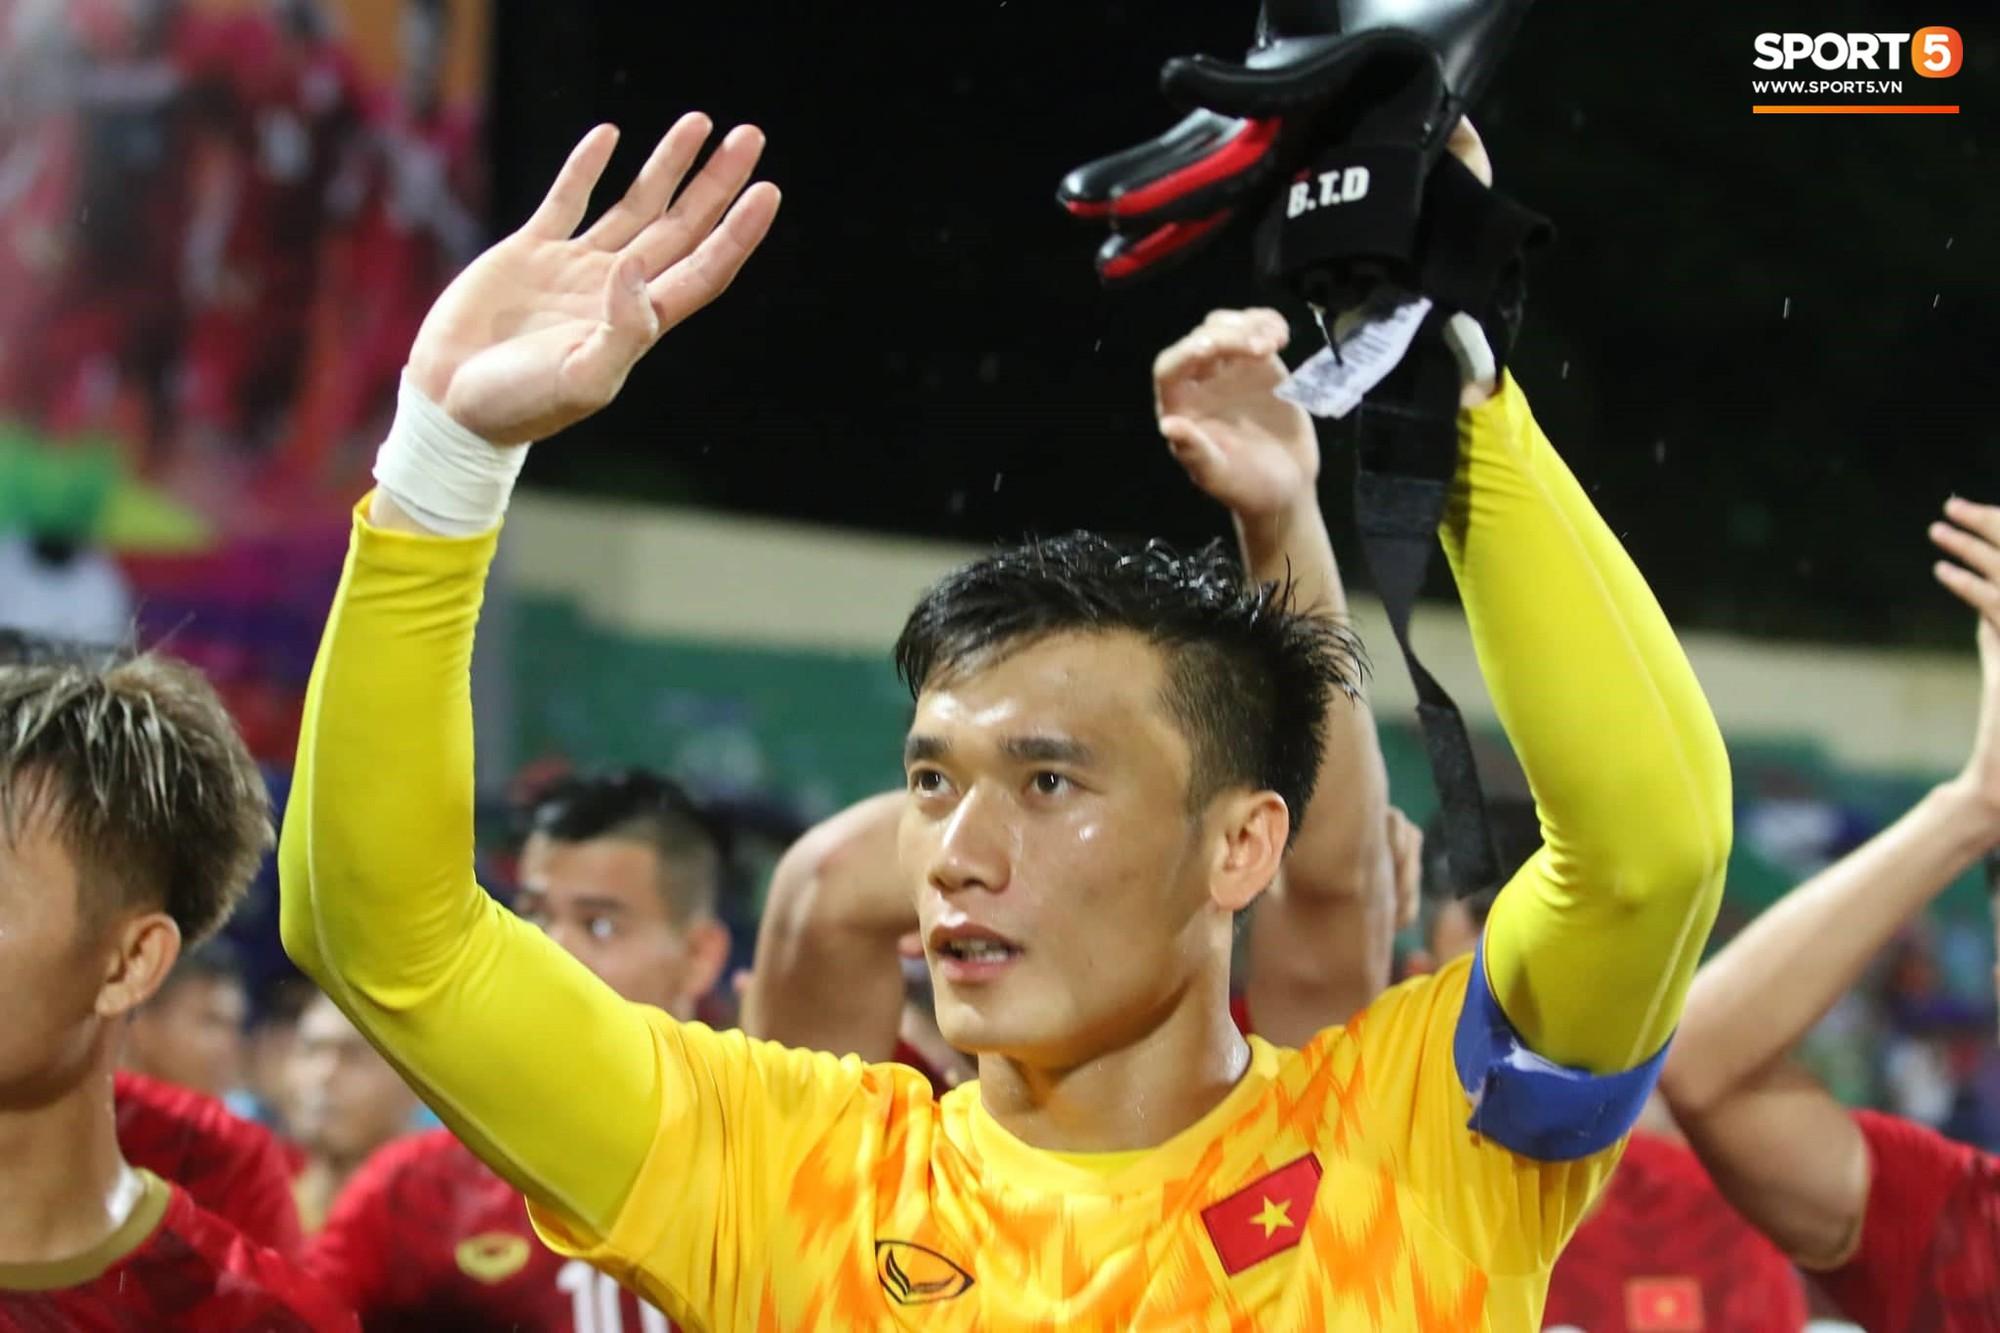 Hình ảnh cảm động: U23 Việt Nam đội mưa đi khắp khán đài cảm ơn người hâm mộ sau trận thắng U23 Myanmar-6